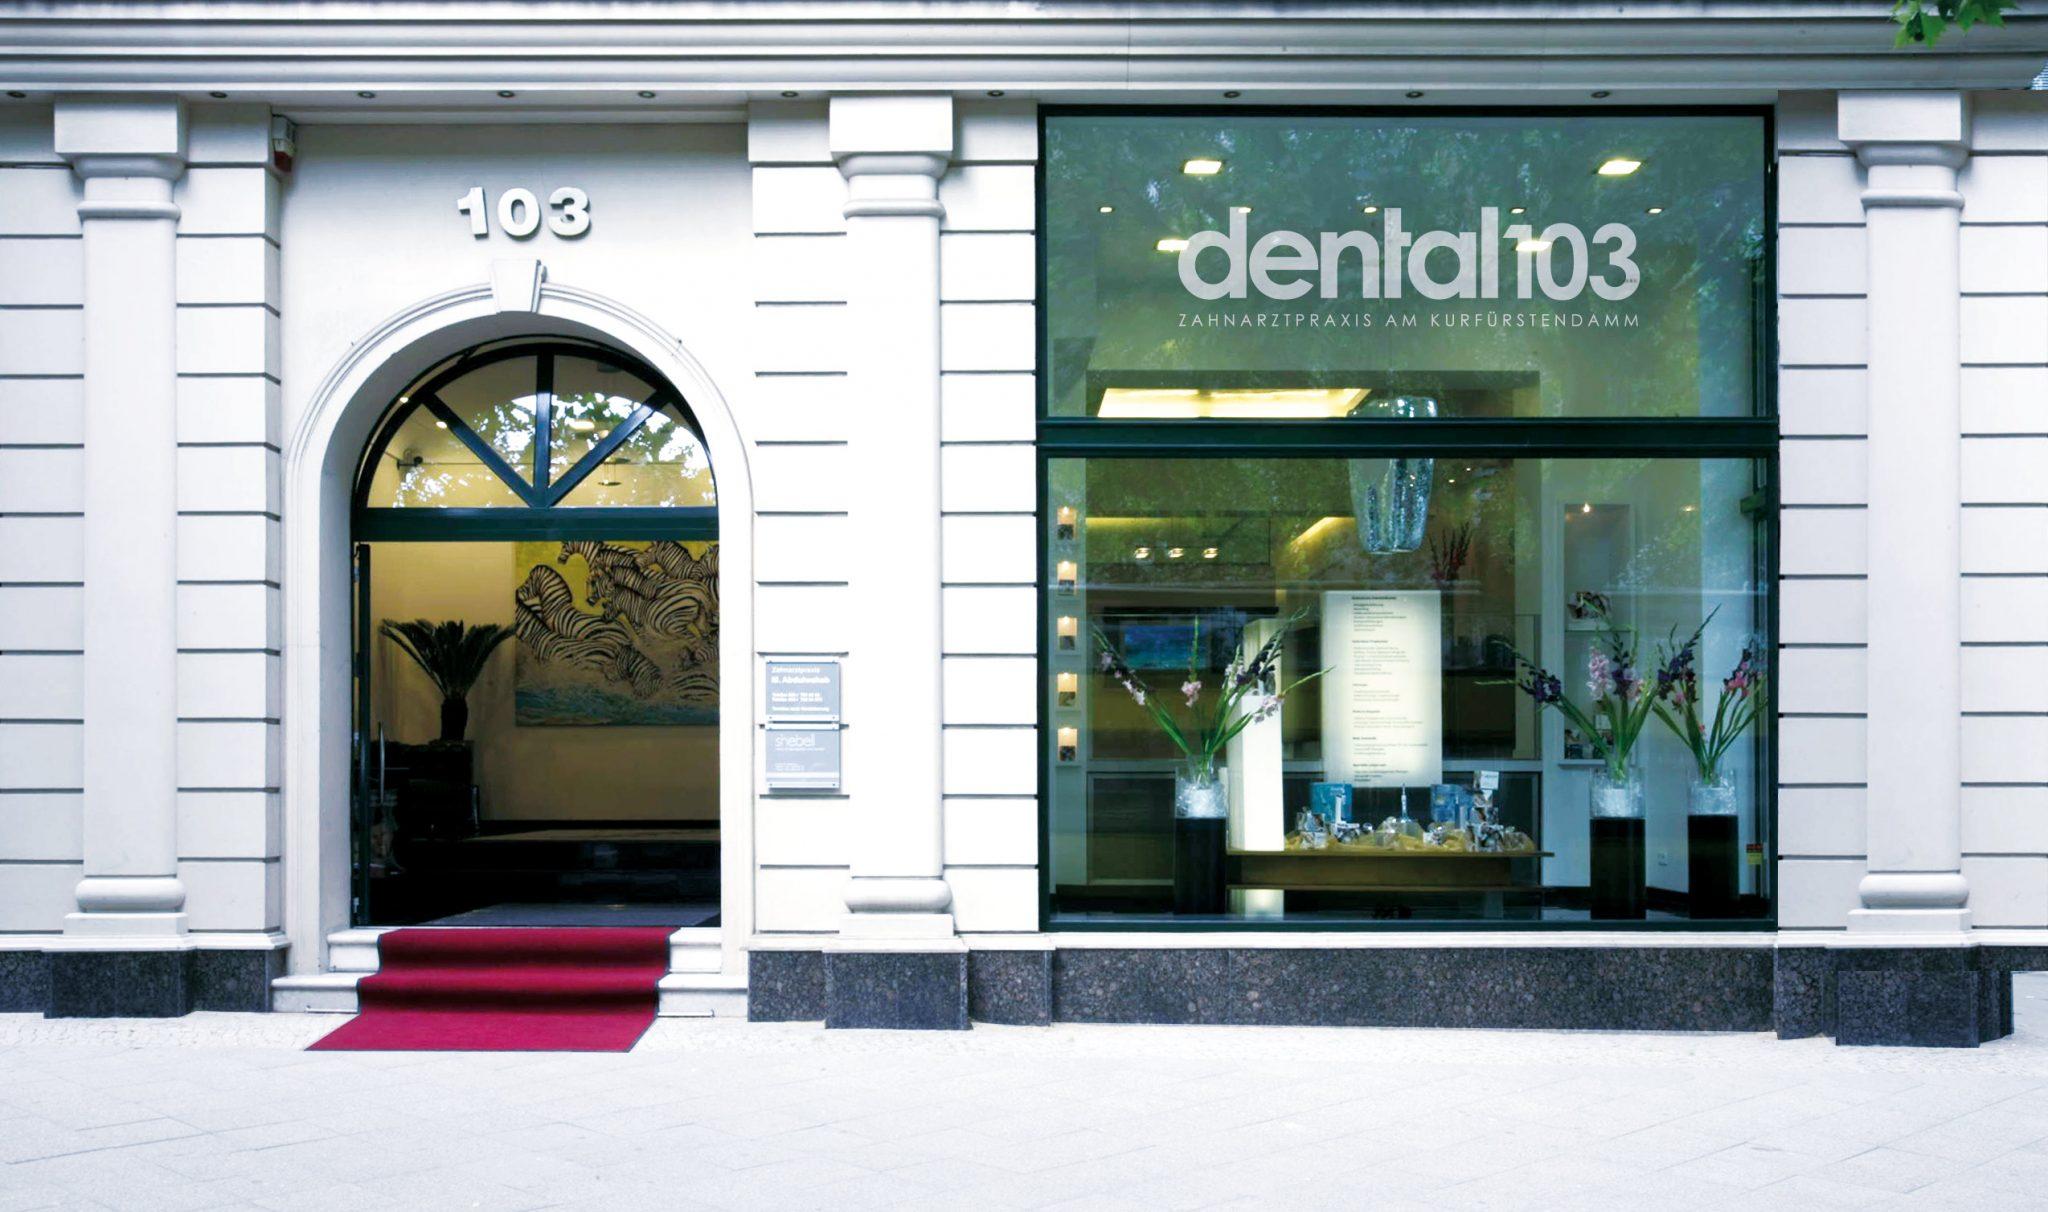 dental 103 berlin Praxis Aussen